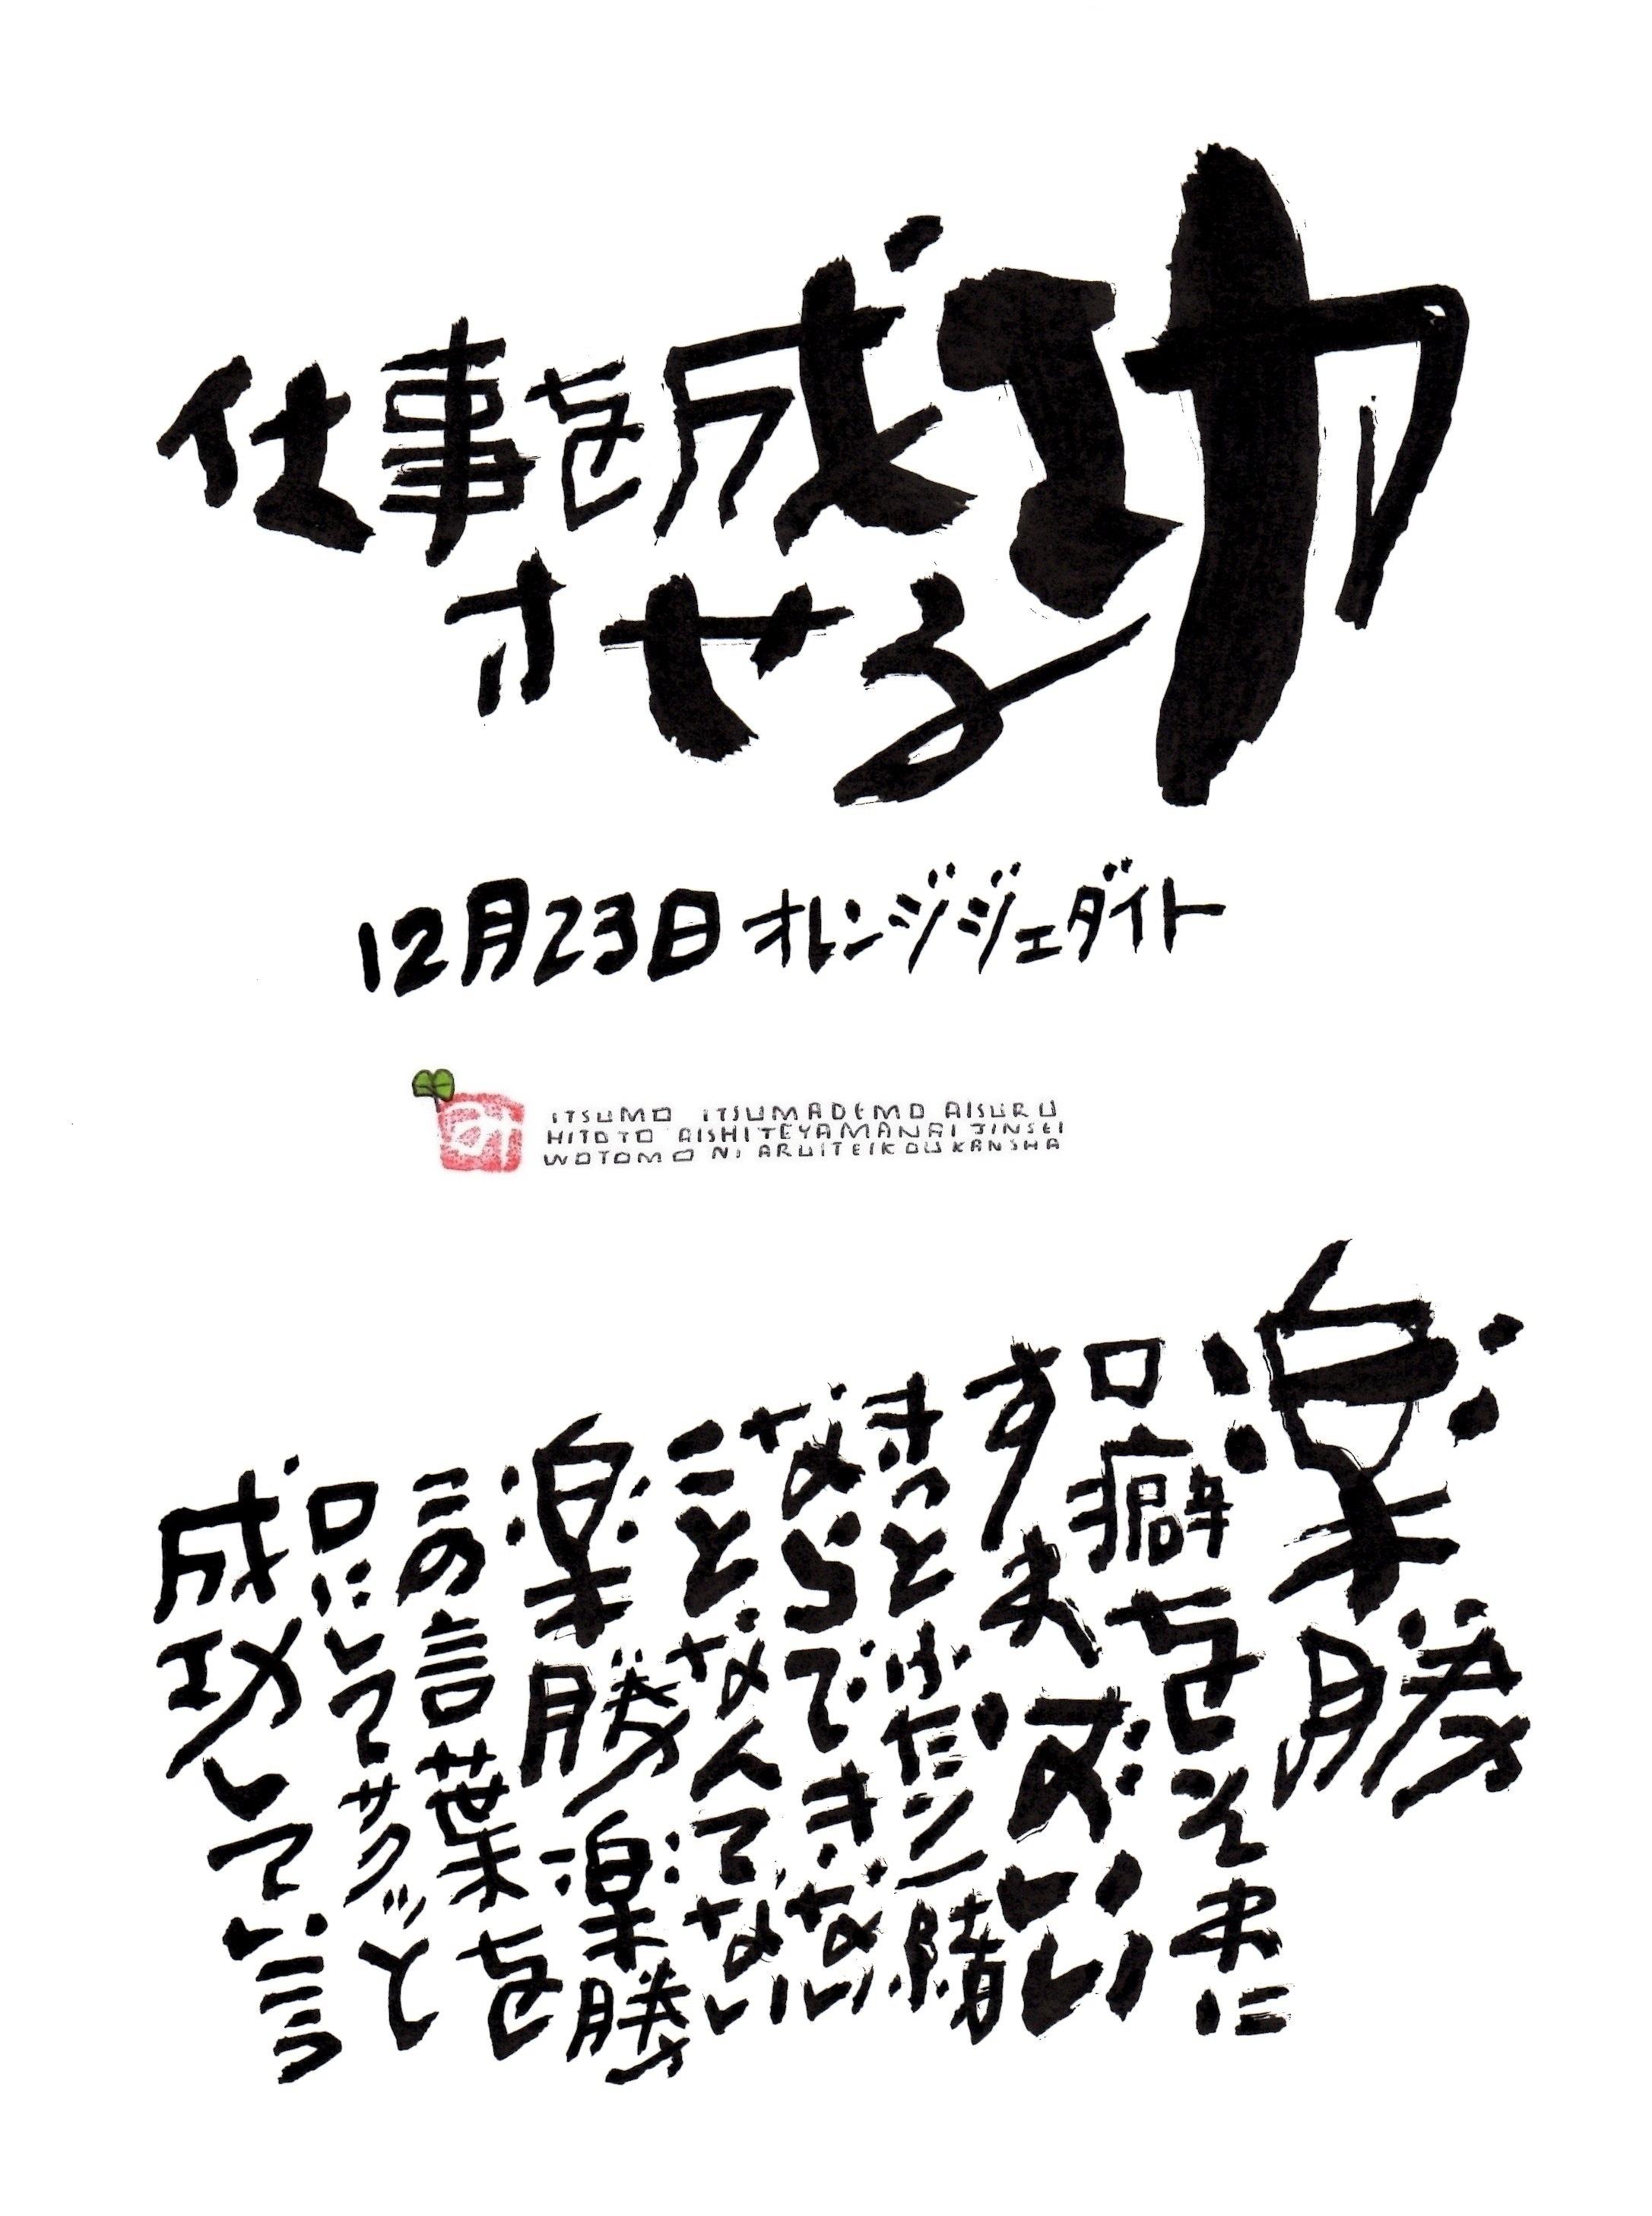 12月23日 結婚記念日ポストカード【仕事を成功させる】